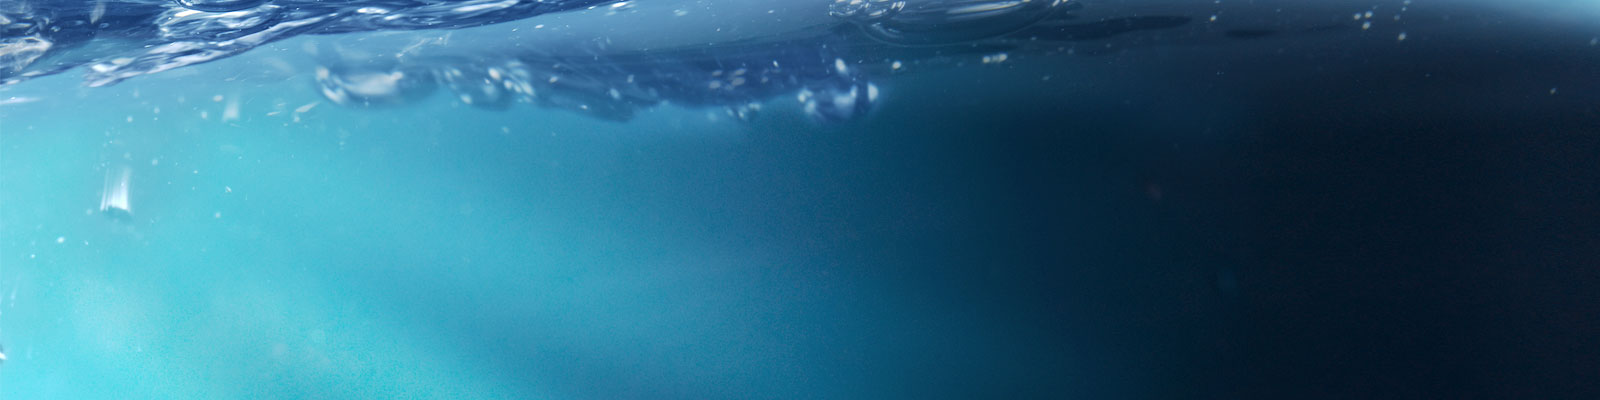 海洋情缘 - 背景